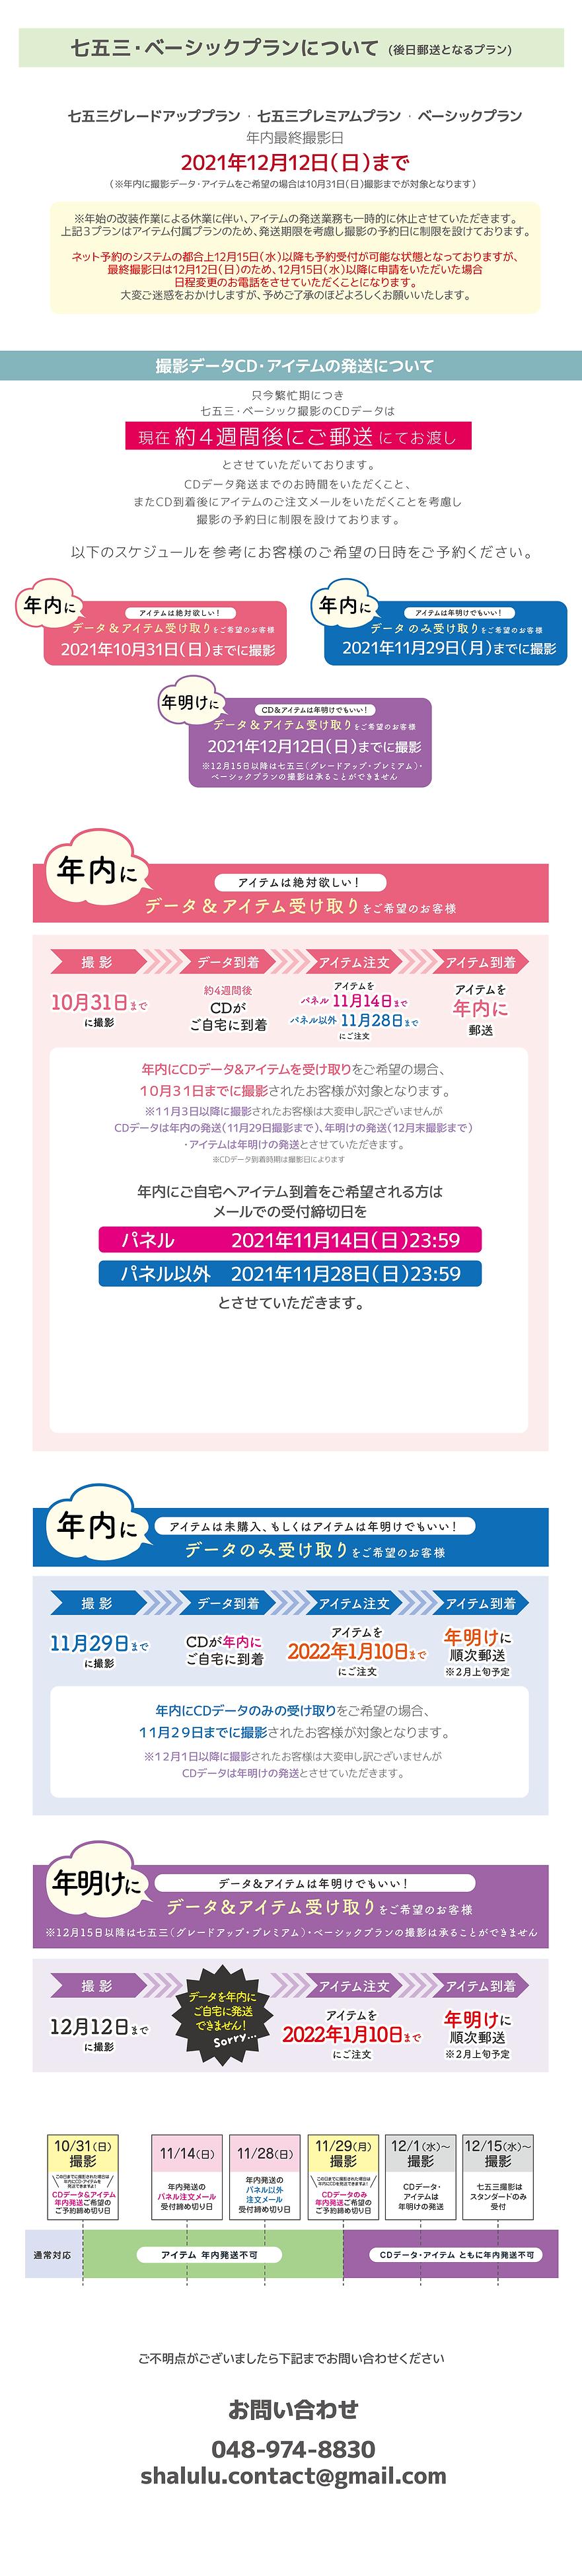 202110_nenmatsu_753_4.png